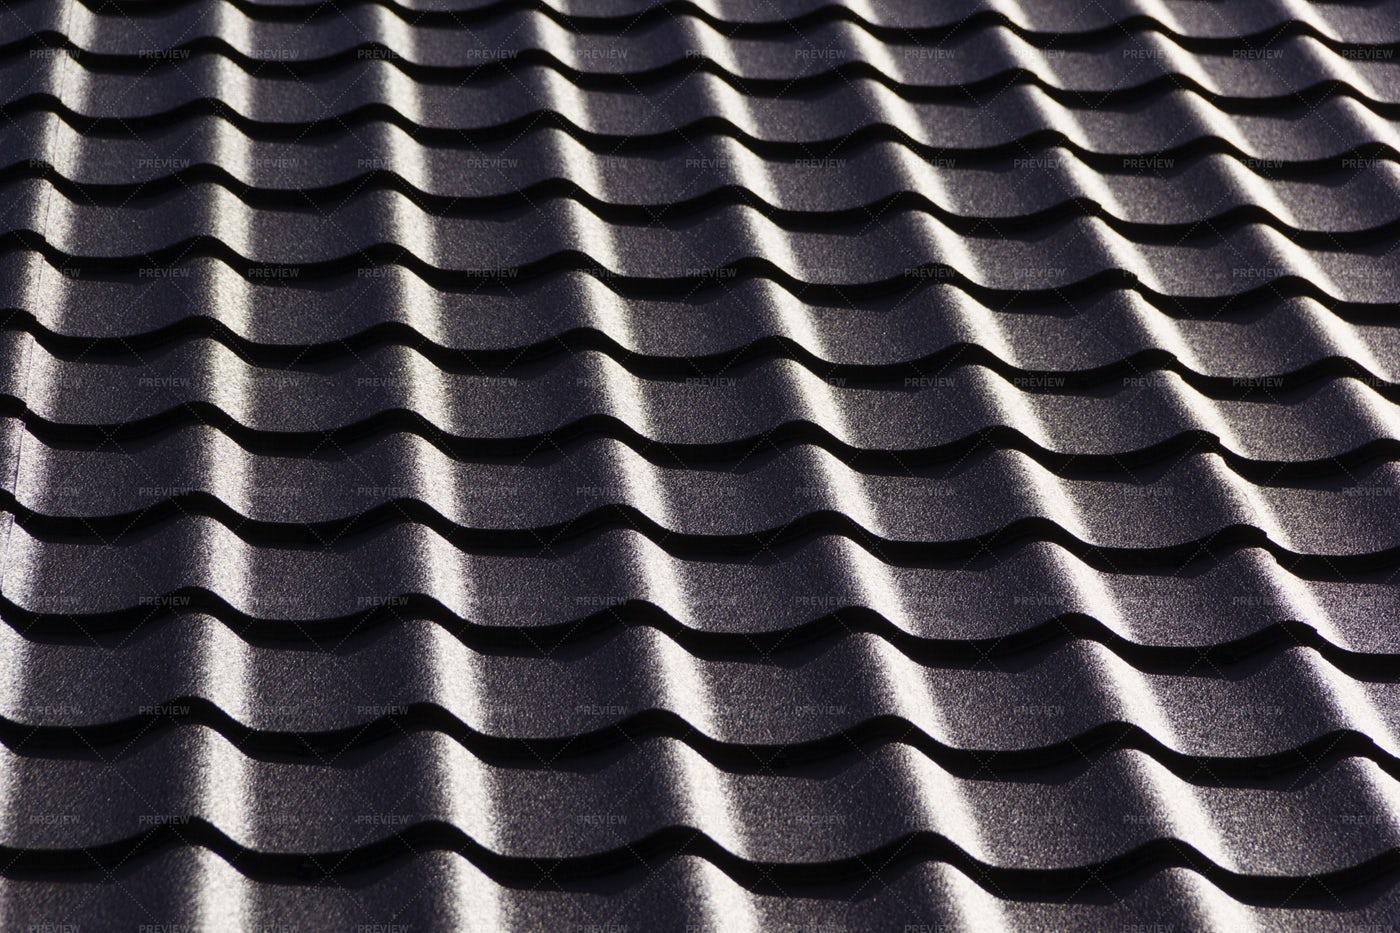 Metal Tile Texture: Stock Photos